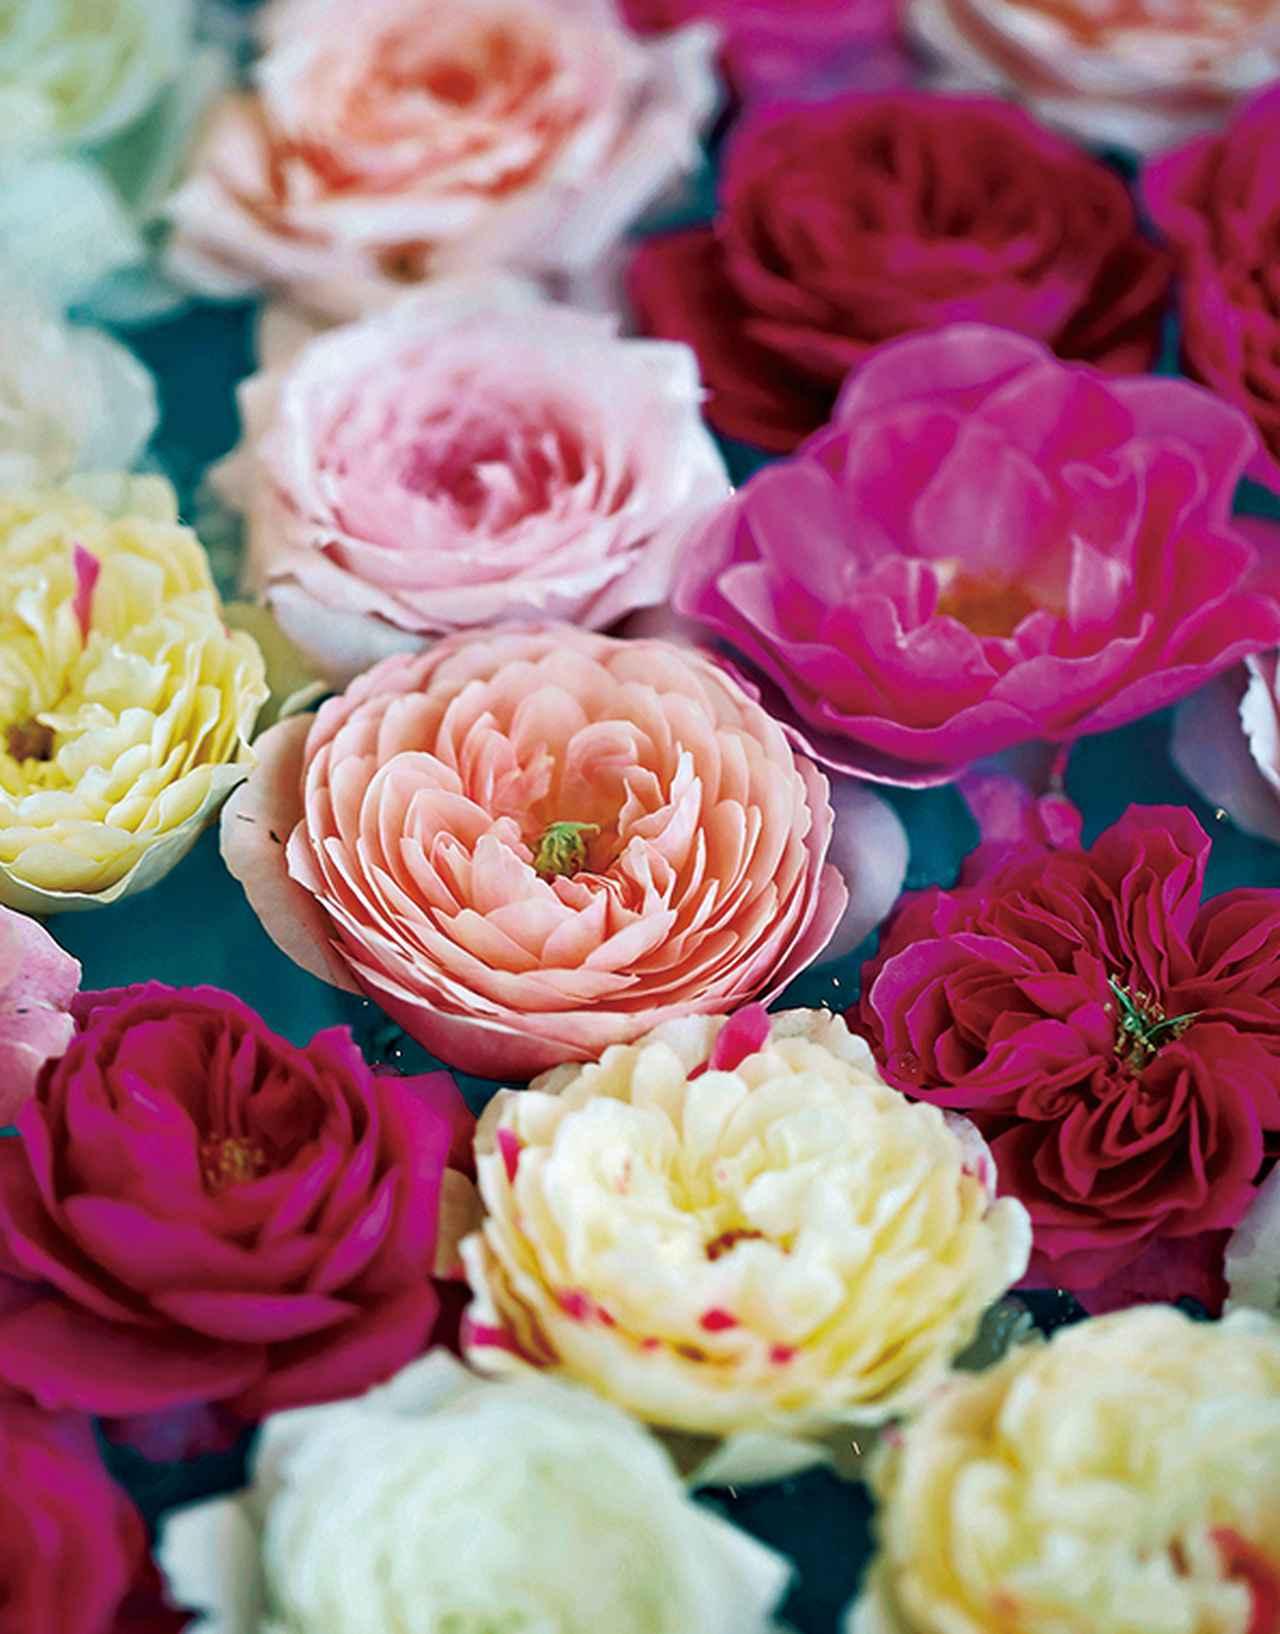 Images : 14番目の画像 - 「Rose Farm KEIJIが 生み出す唯一無二の「和ばら」。 その名前にこめられた想いを紐とく」のアルバム - T JAPAN:The New York Times Style Magazine 公式サイト